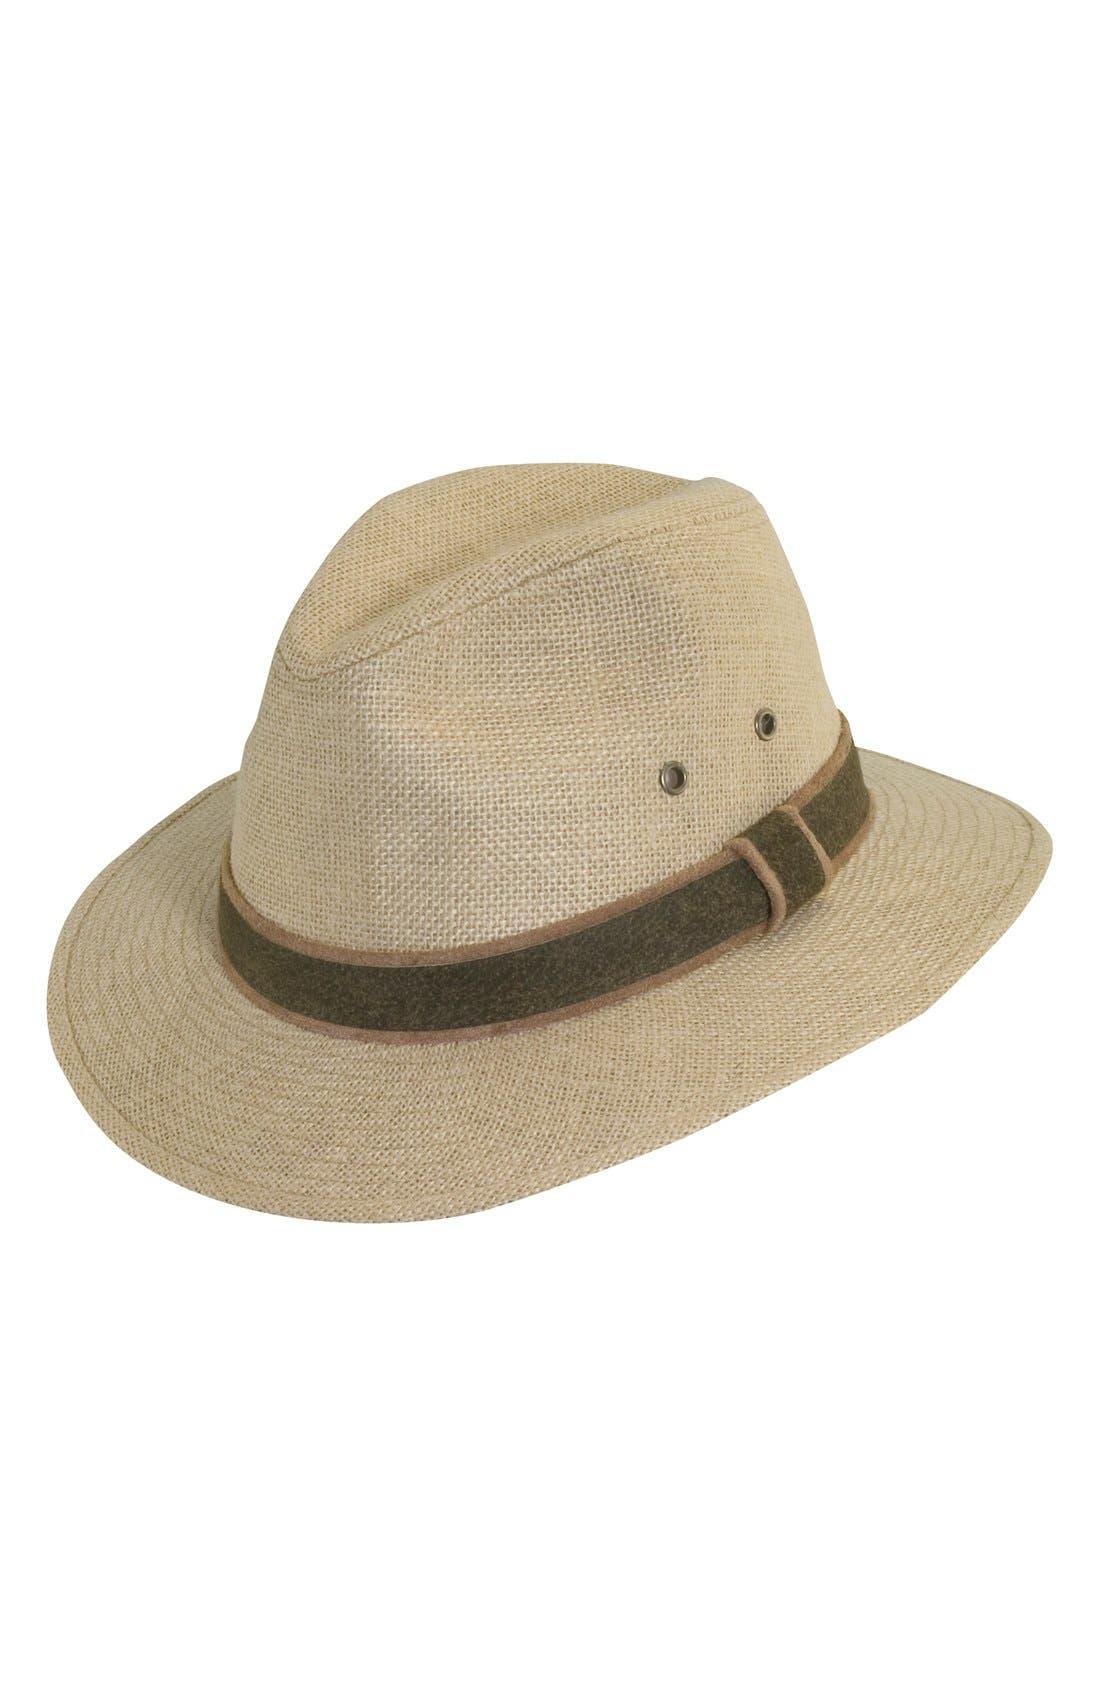 Main Image - Scala Hemp Safari Hat